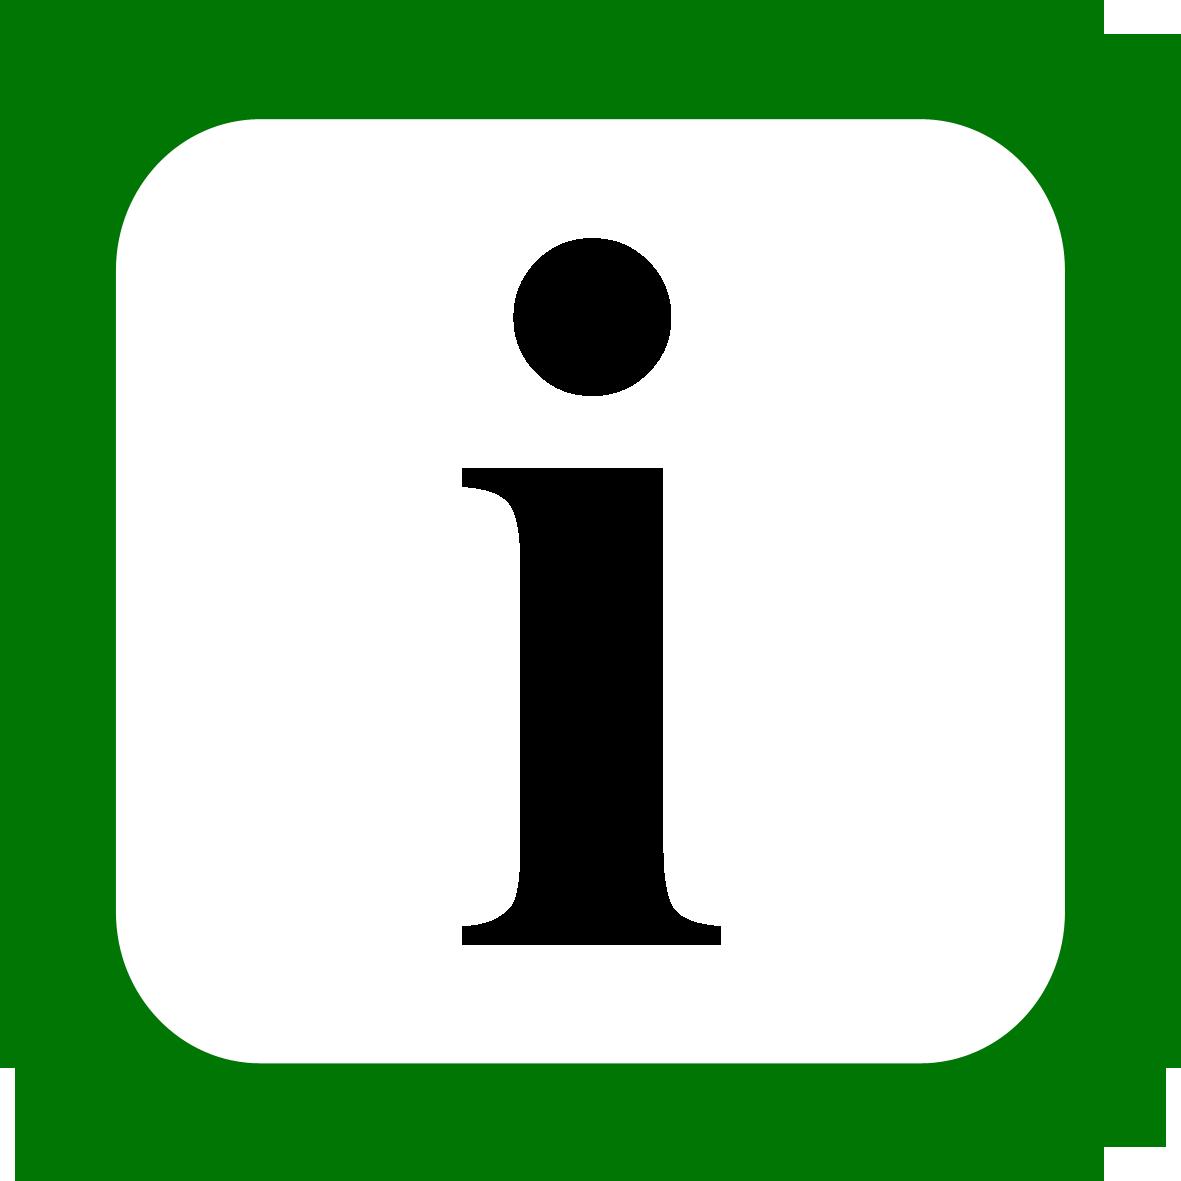 Neues_Grünes_i